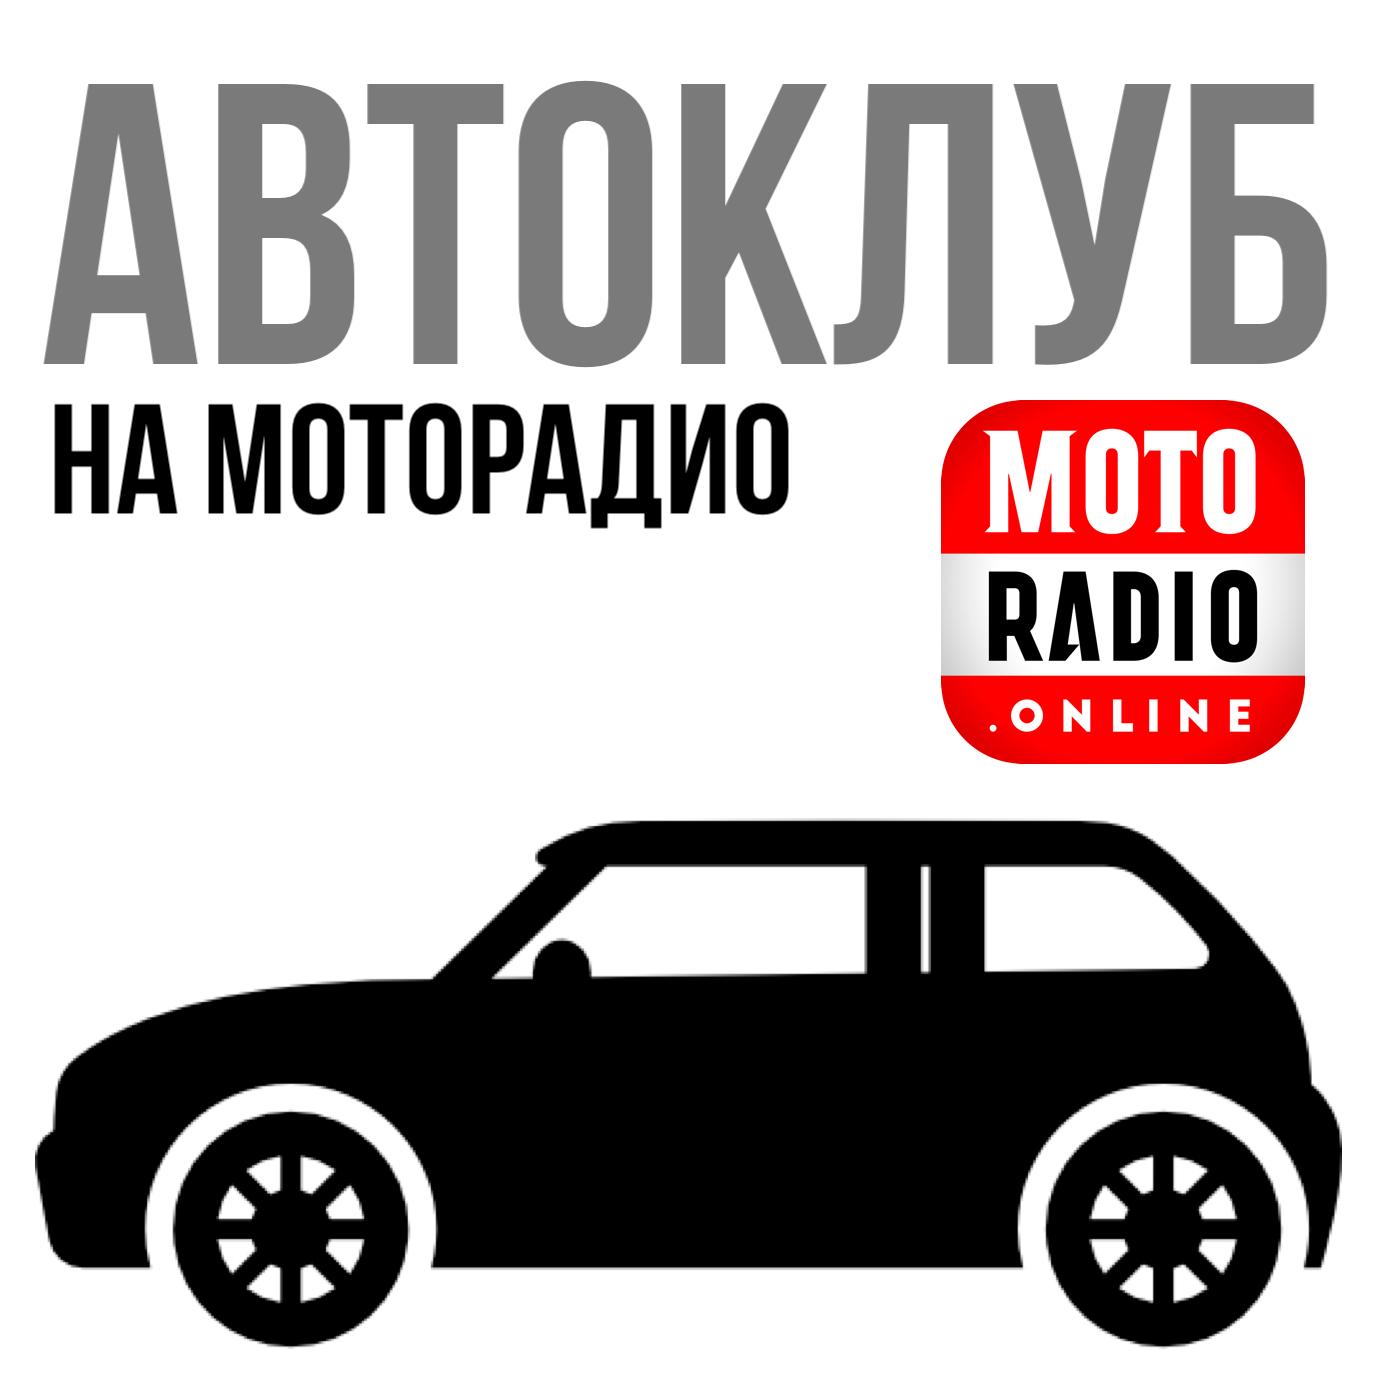 Фото - Александр Цыпин MERCEDES BENZ, BMW, AUDI - история создания современного автосервиса - СТО ПИК в программе Автоклуб. запчасти